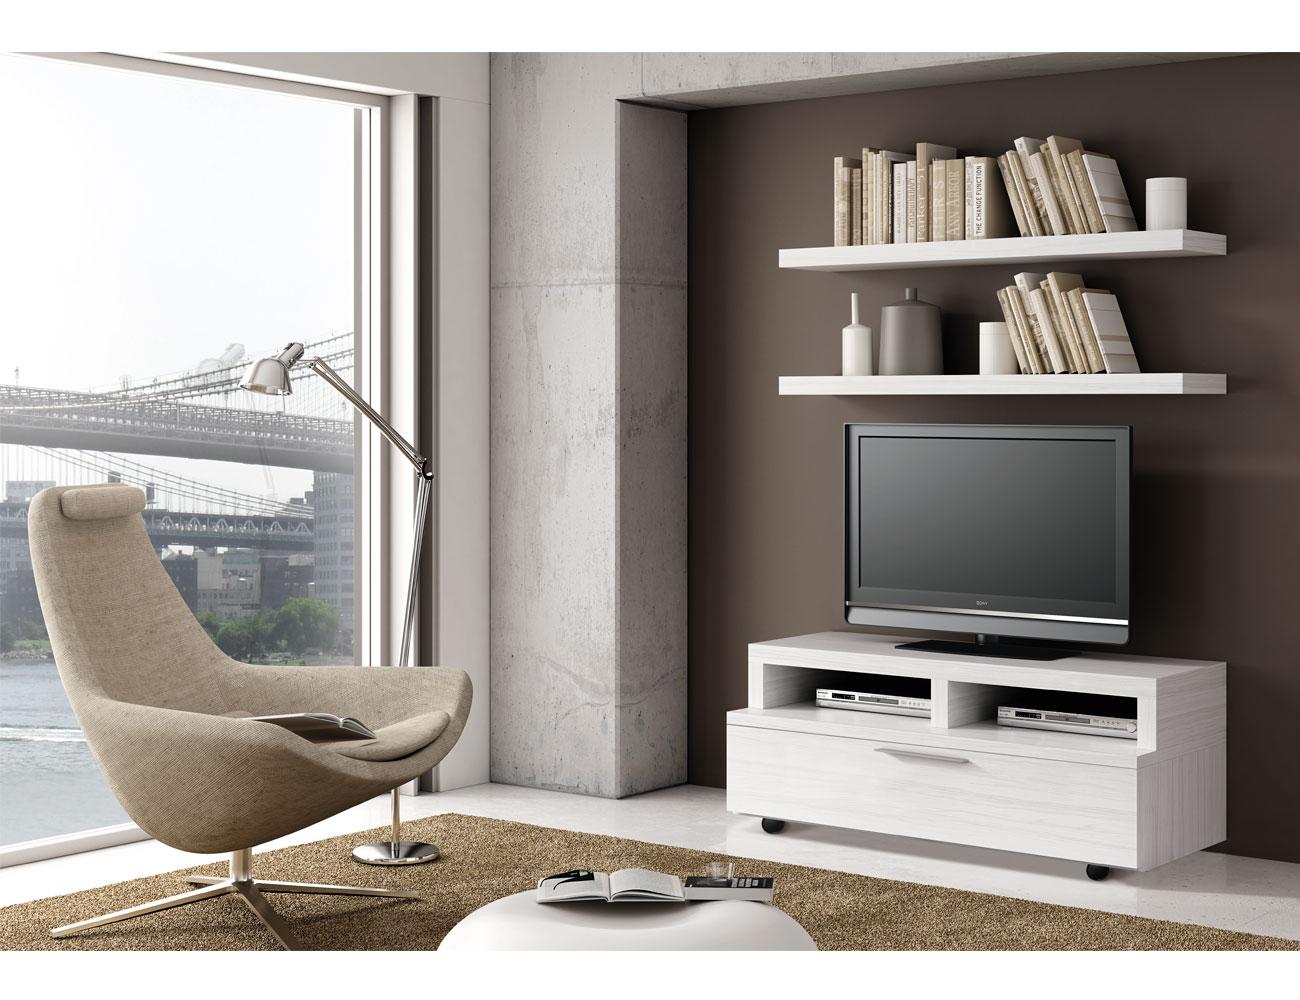 725 mueble tv paisaje